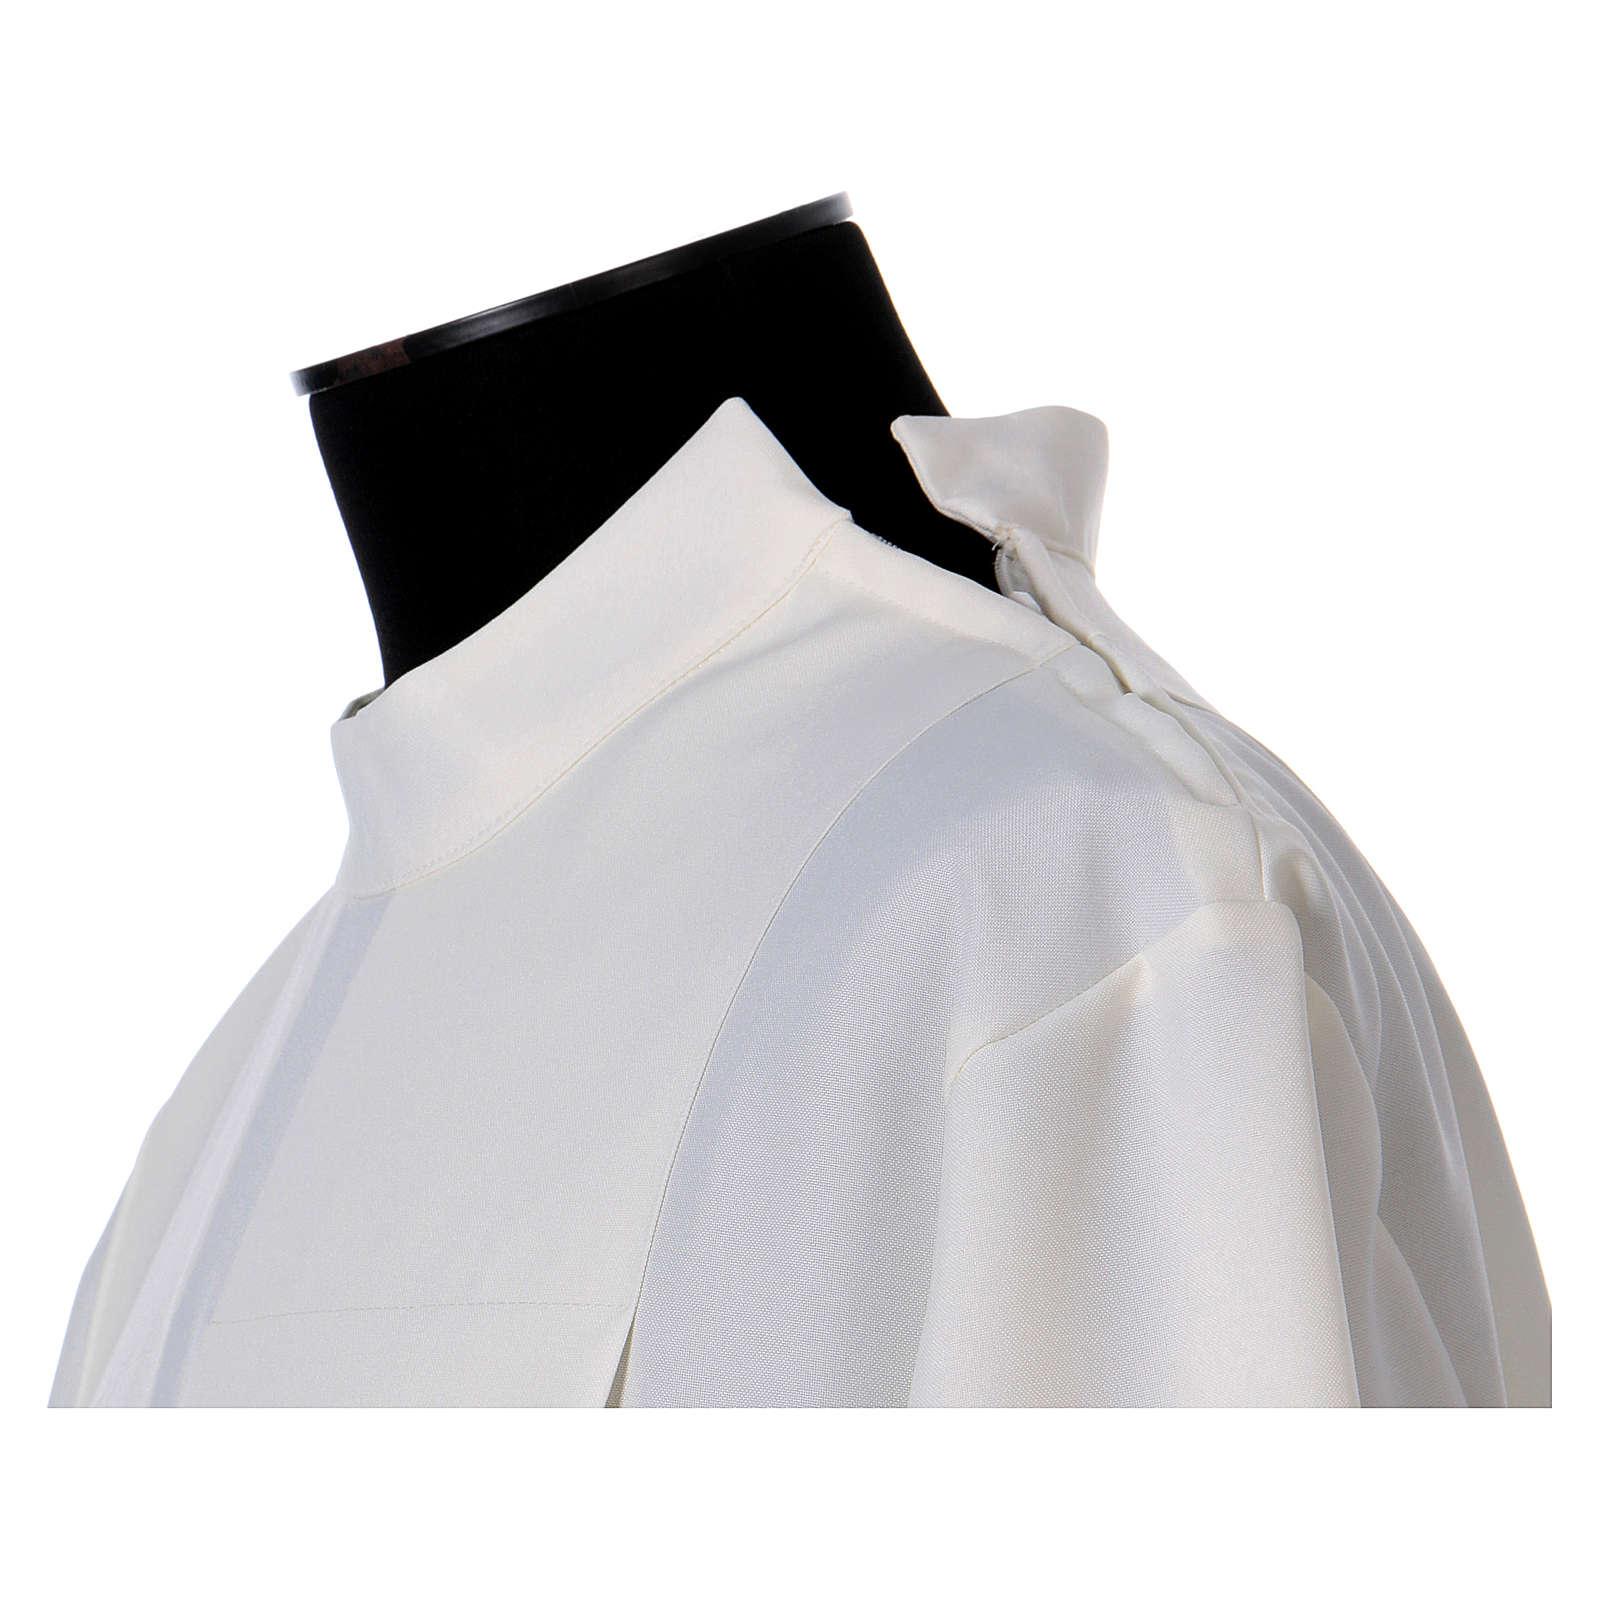 Aube polyester fermeture épaule ivoire ourlet à jour broderies machine 4